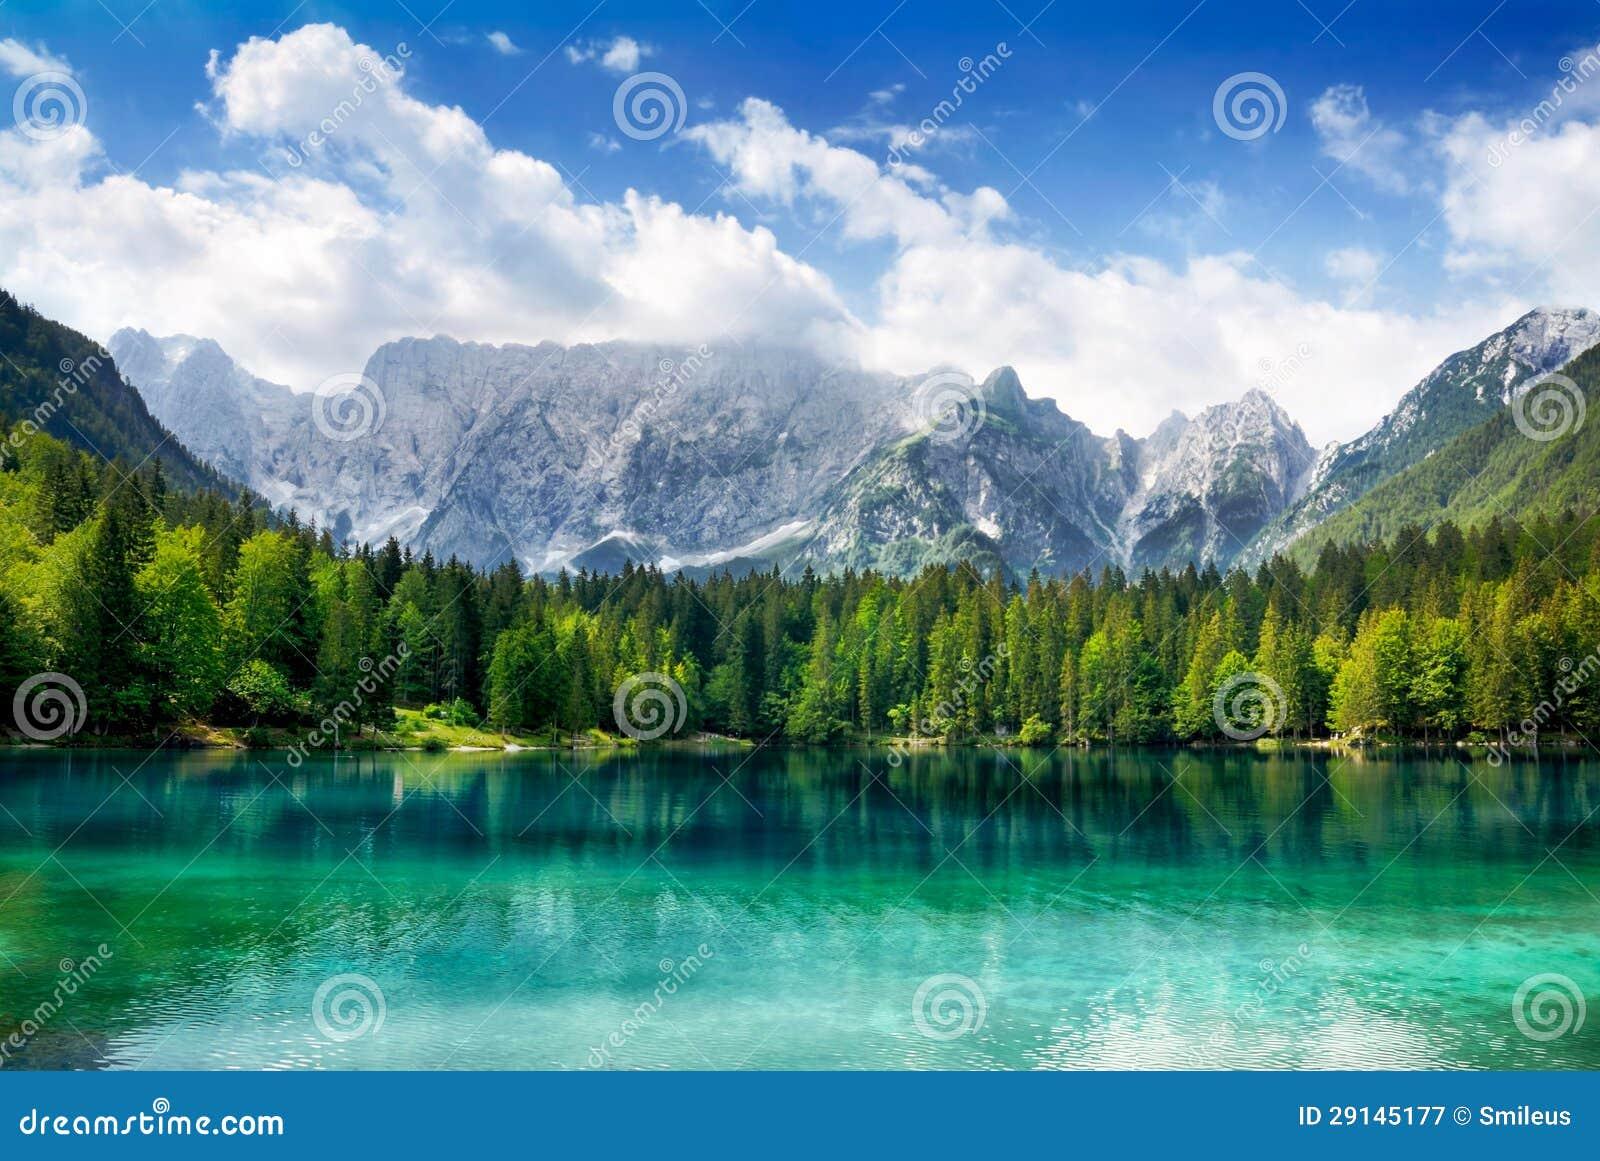 Mooi meer met bergen op de achtergrond